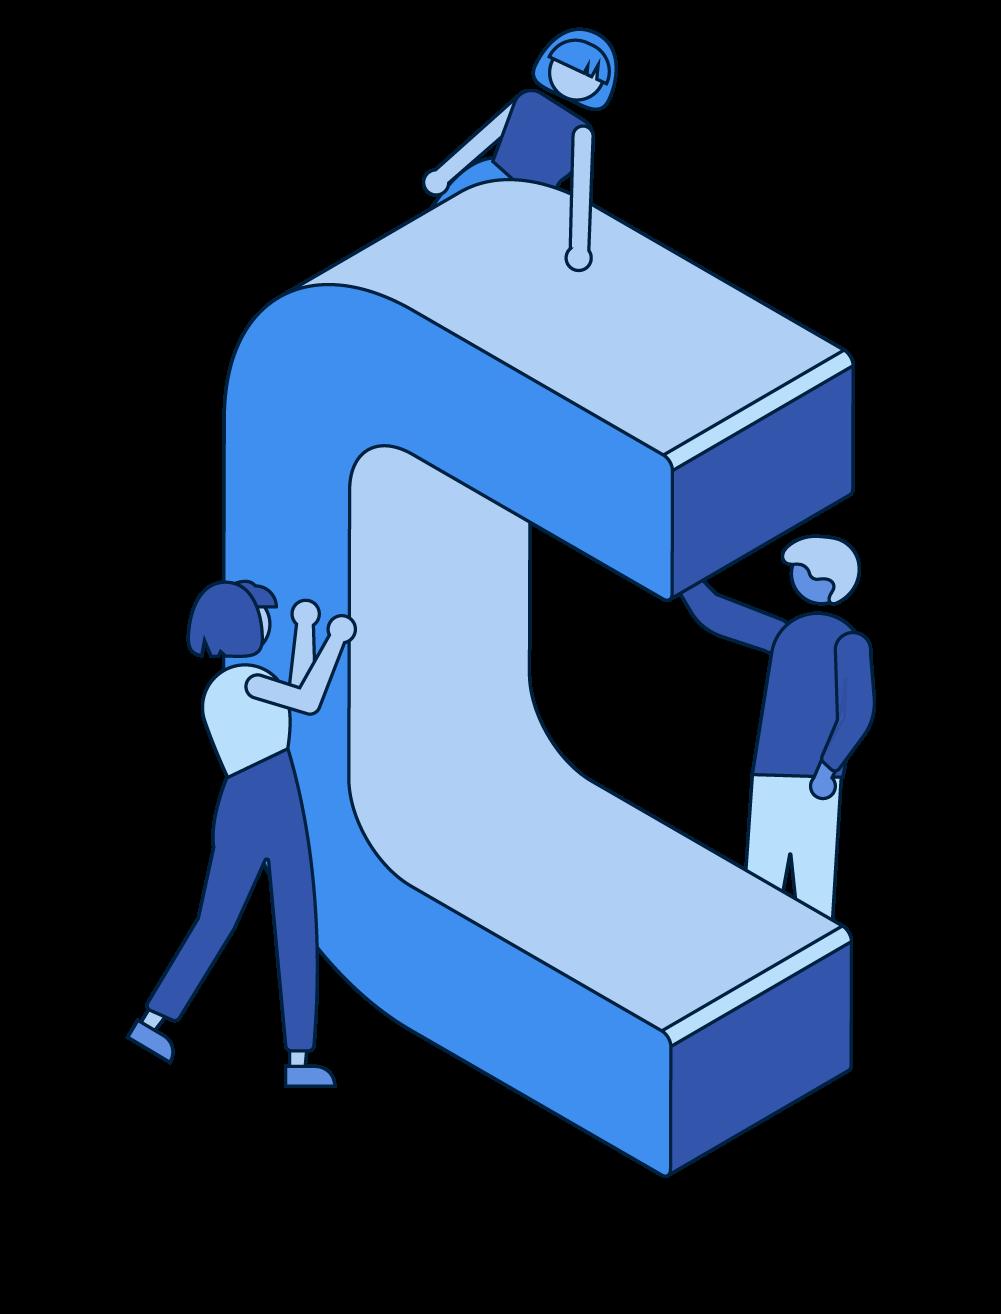 Civinity icon